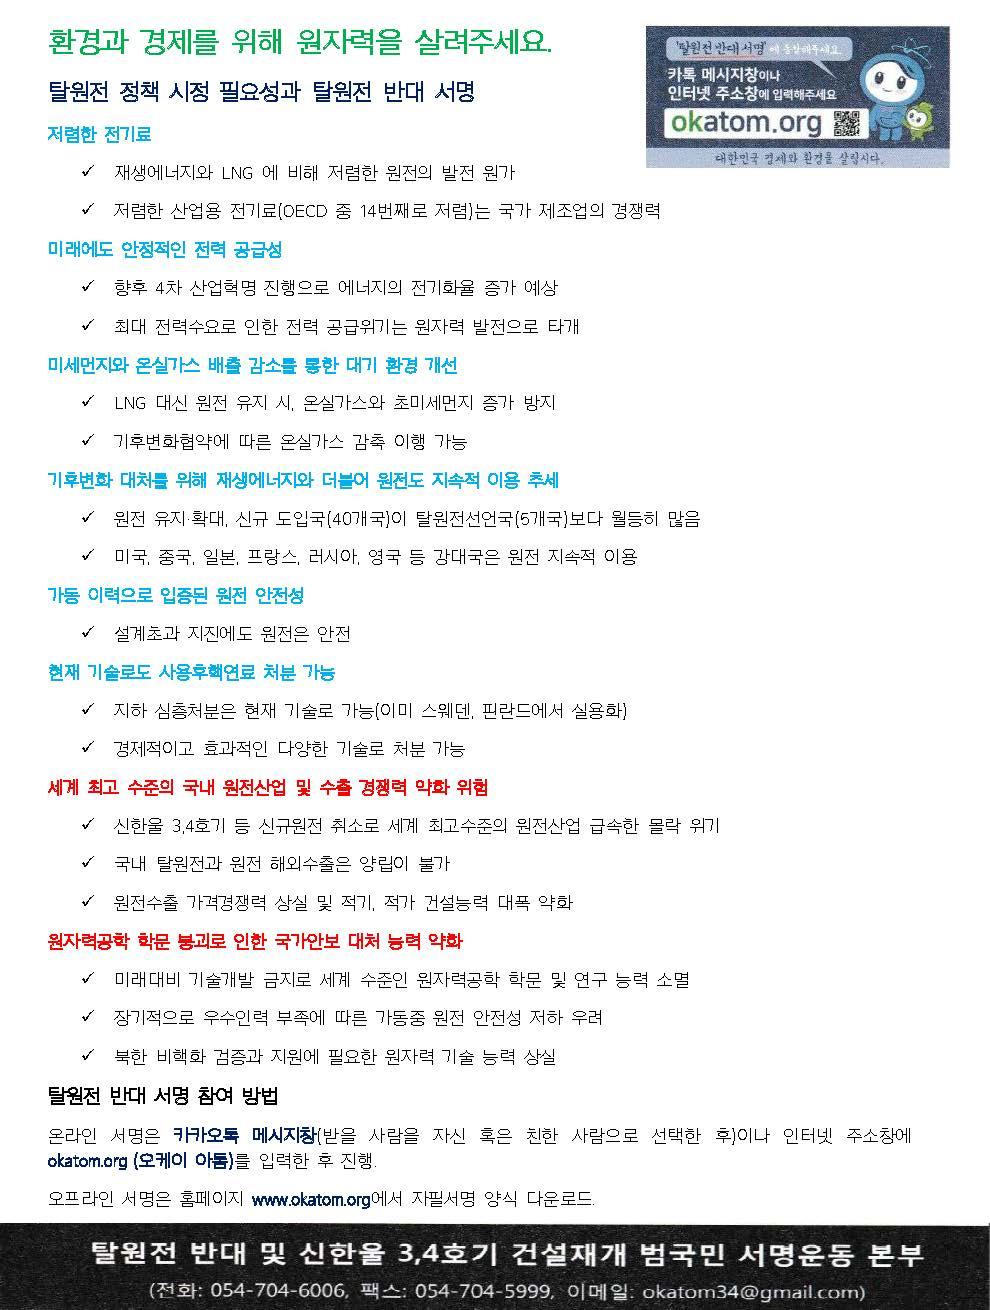 전단지 -수정5 (1)_페이지_2.jpg